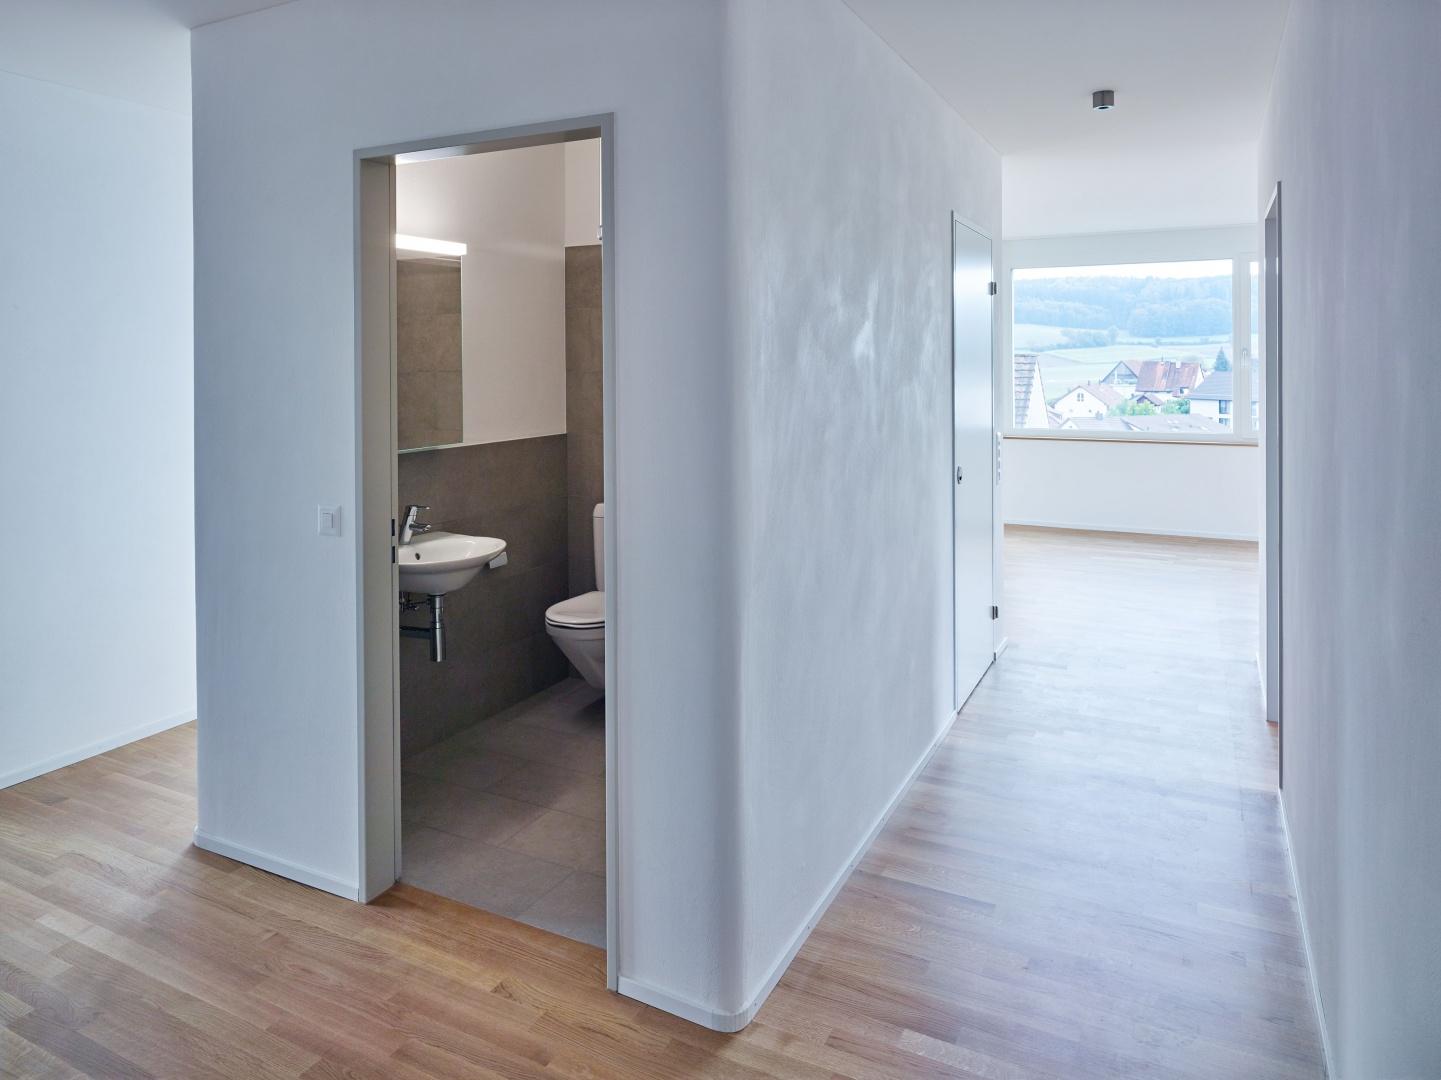 Umgang - WC - Wohnen © Fotograf: Arnold Kohler